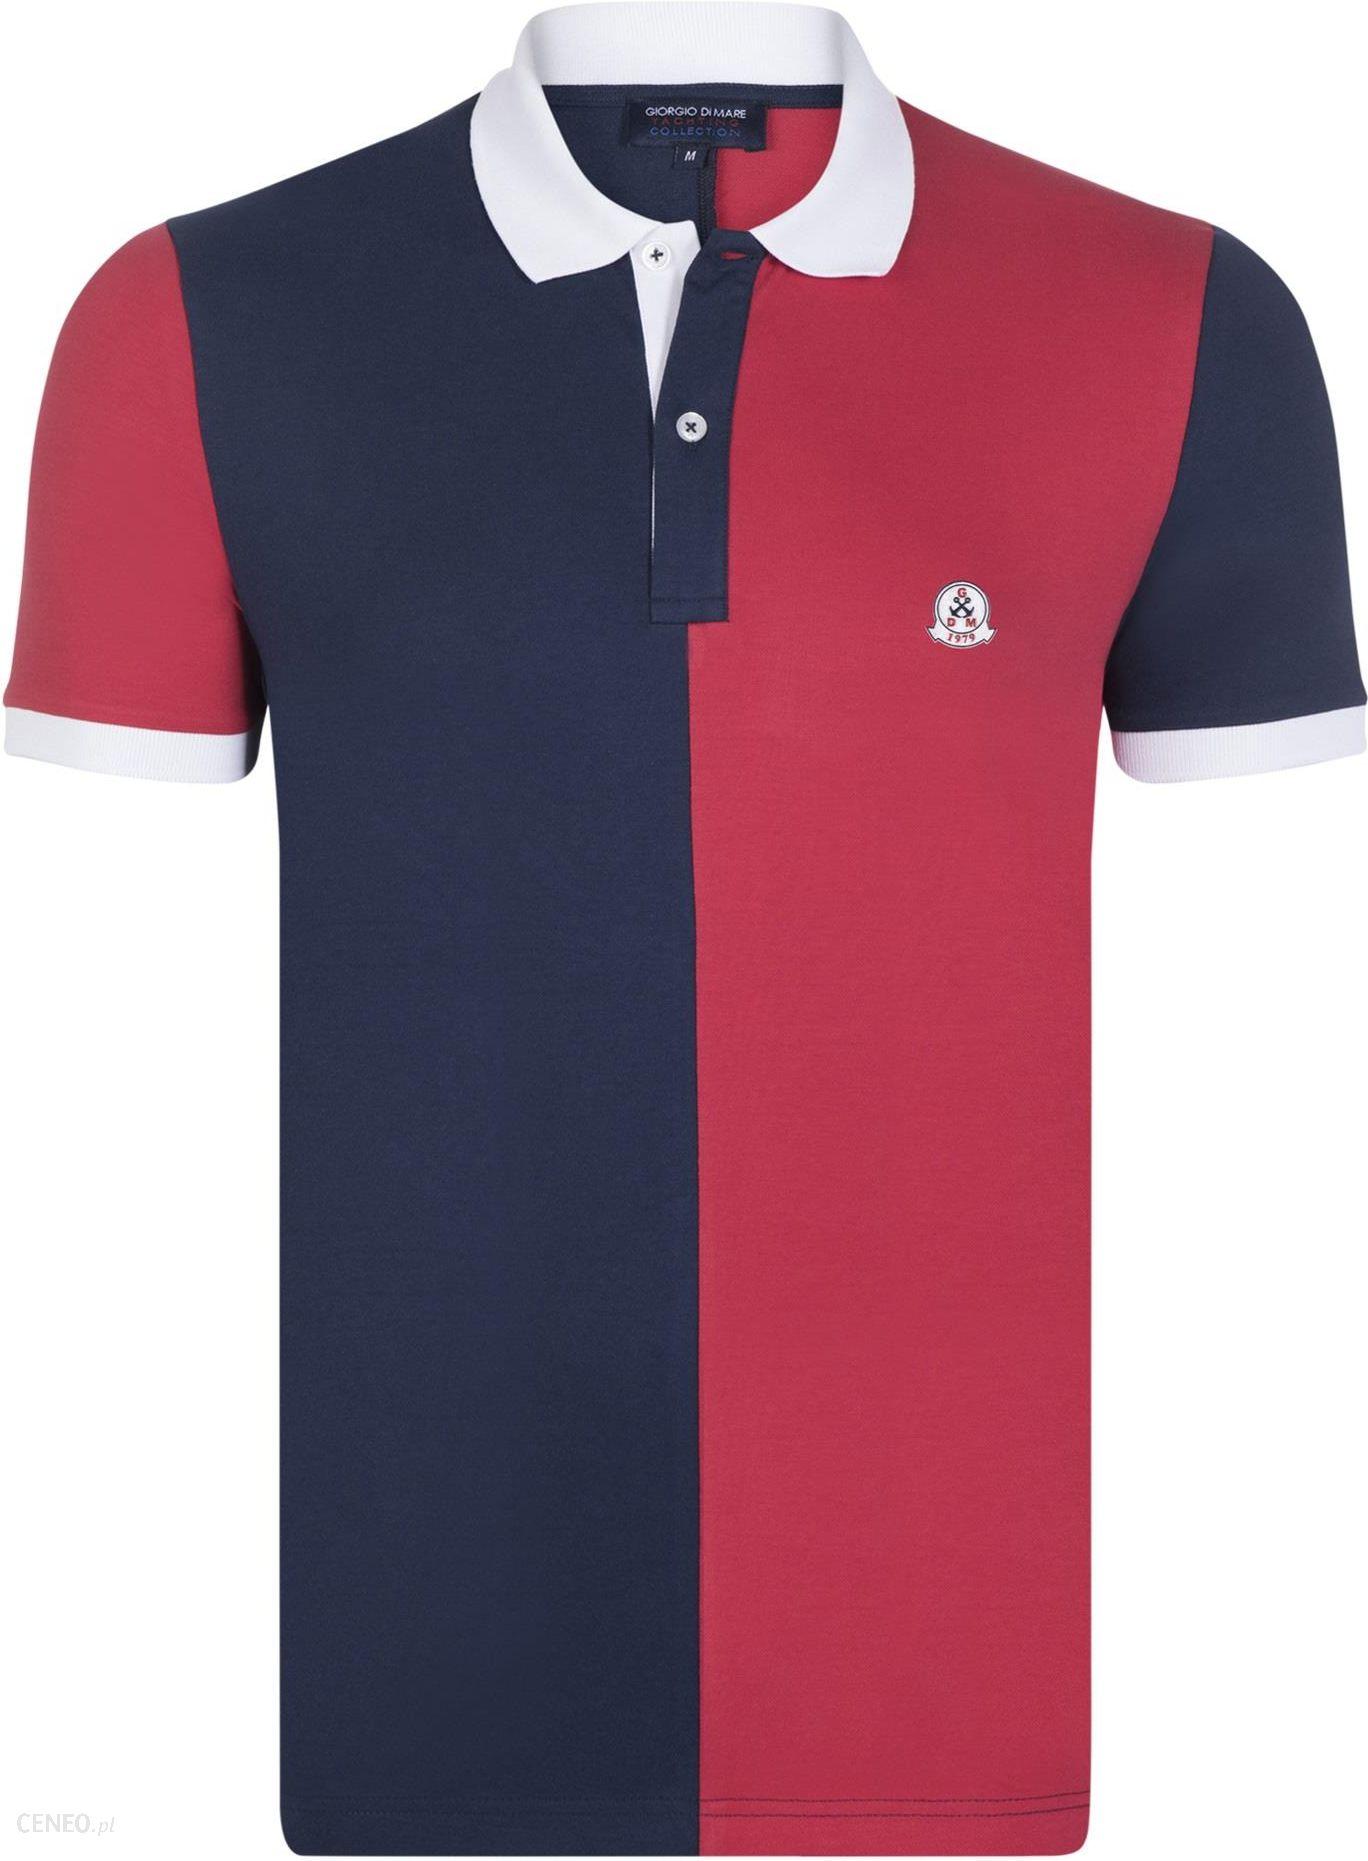 Giorgio Di Mare koszulka polo męska GI3283671 M czerwona Ceny i opinie Ceneo.pl